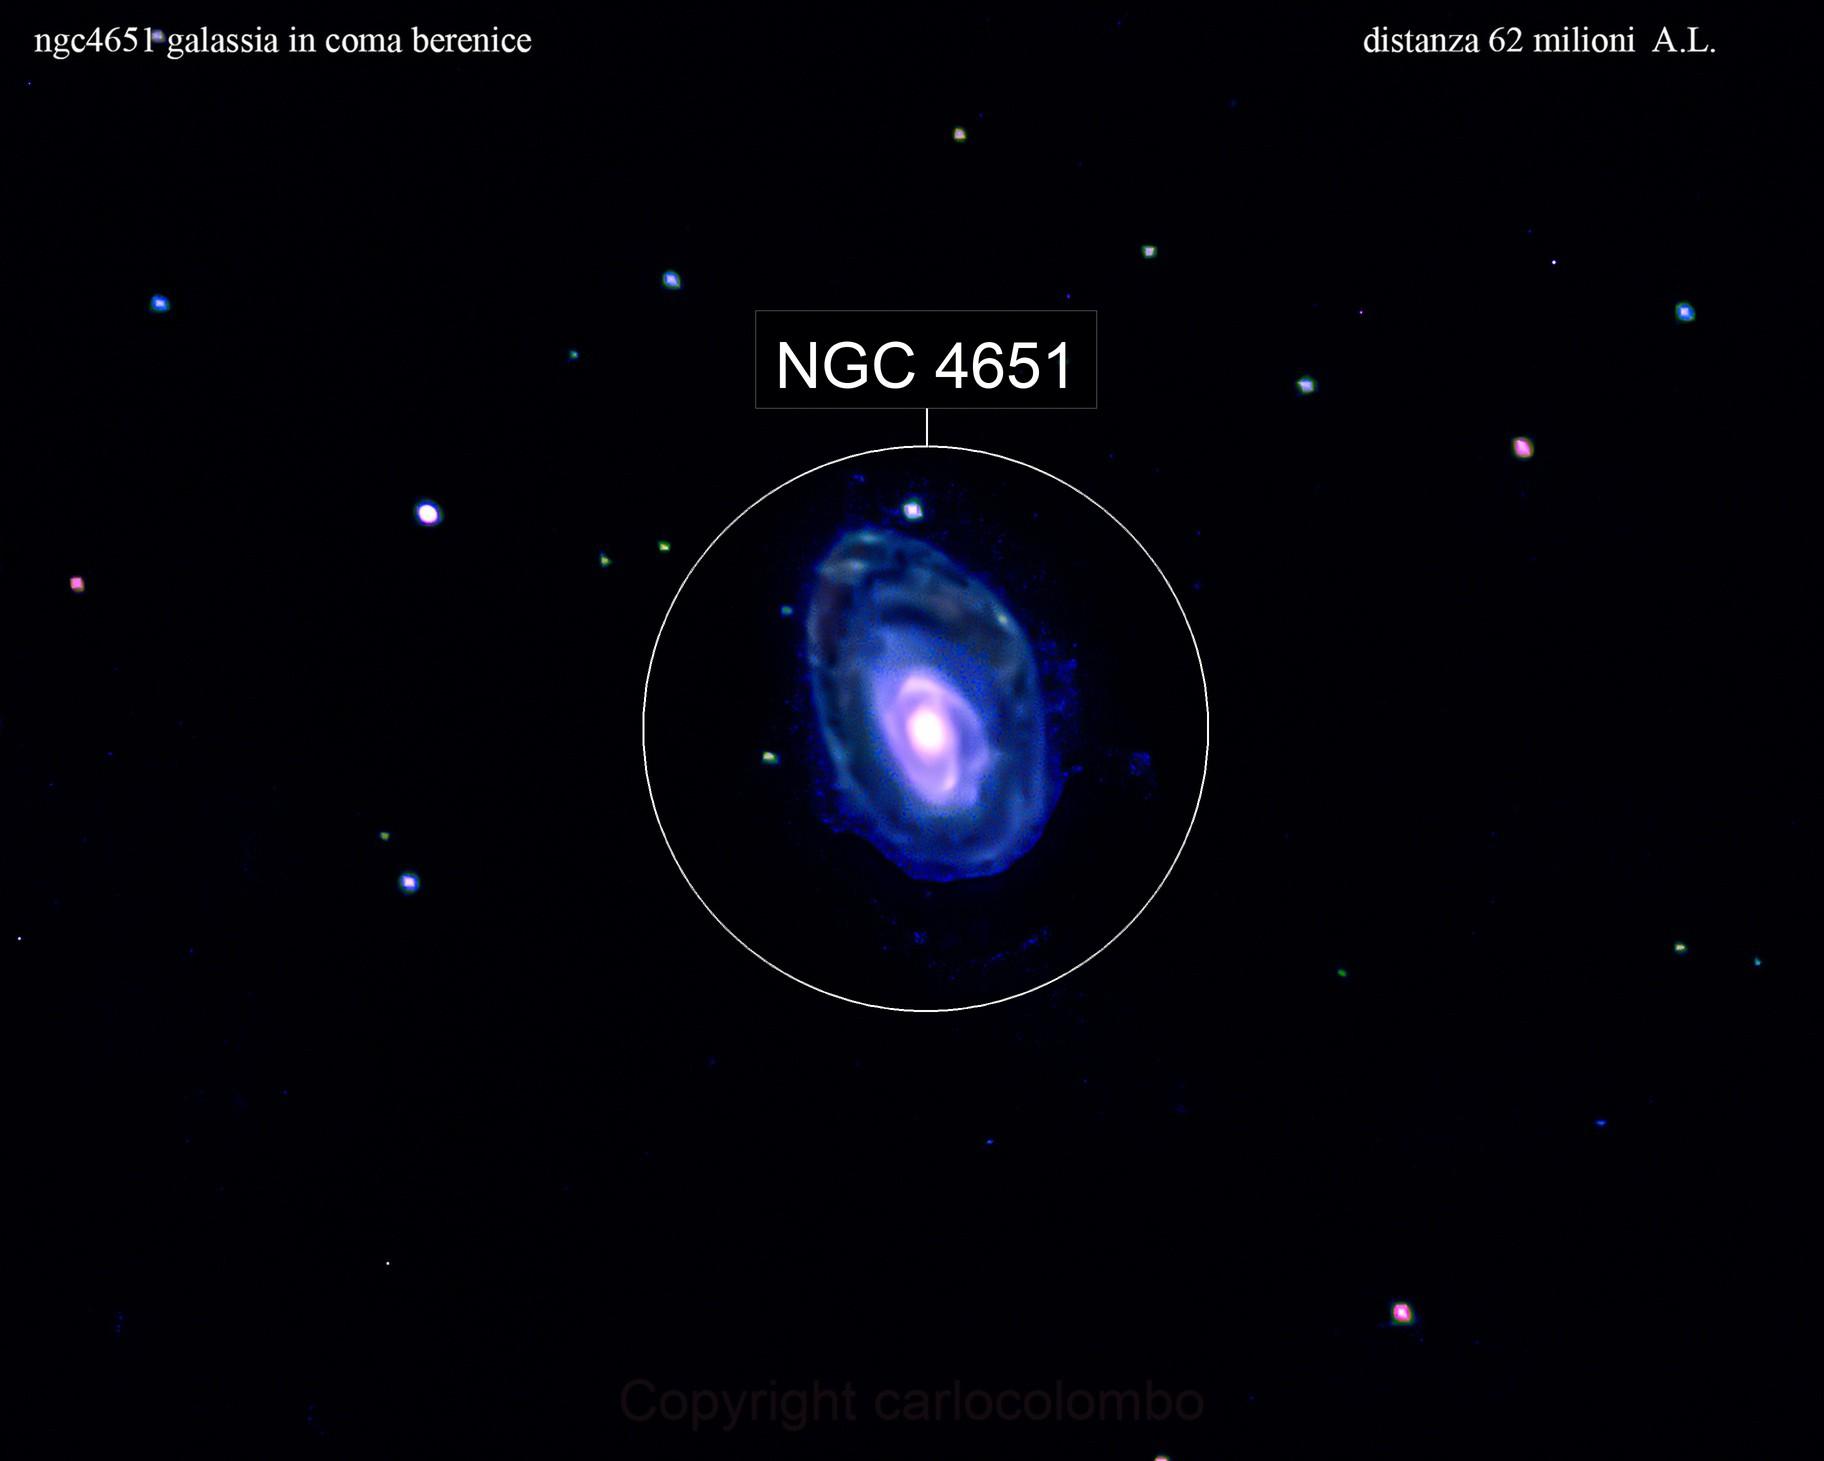 ngc4651 galassia in coma berenice                                   distanza  62 milioni   A.L.